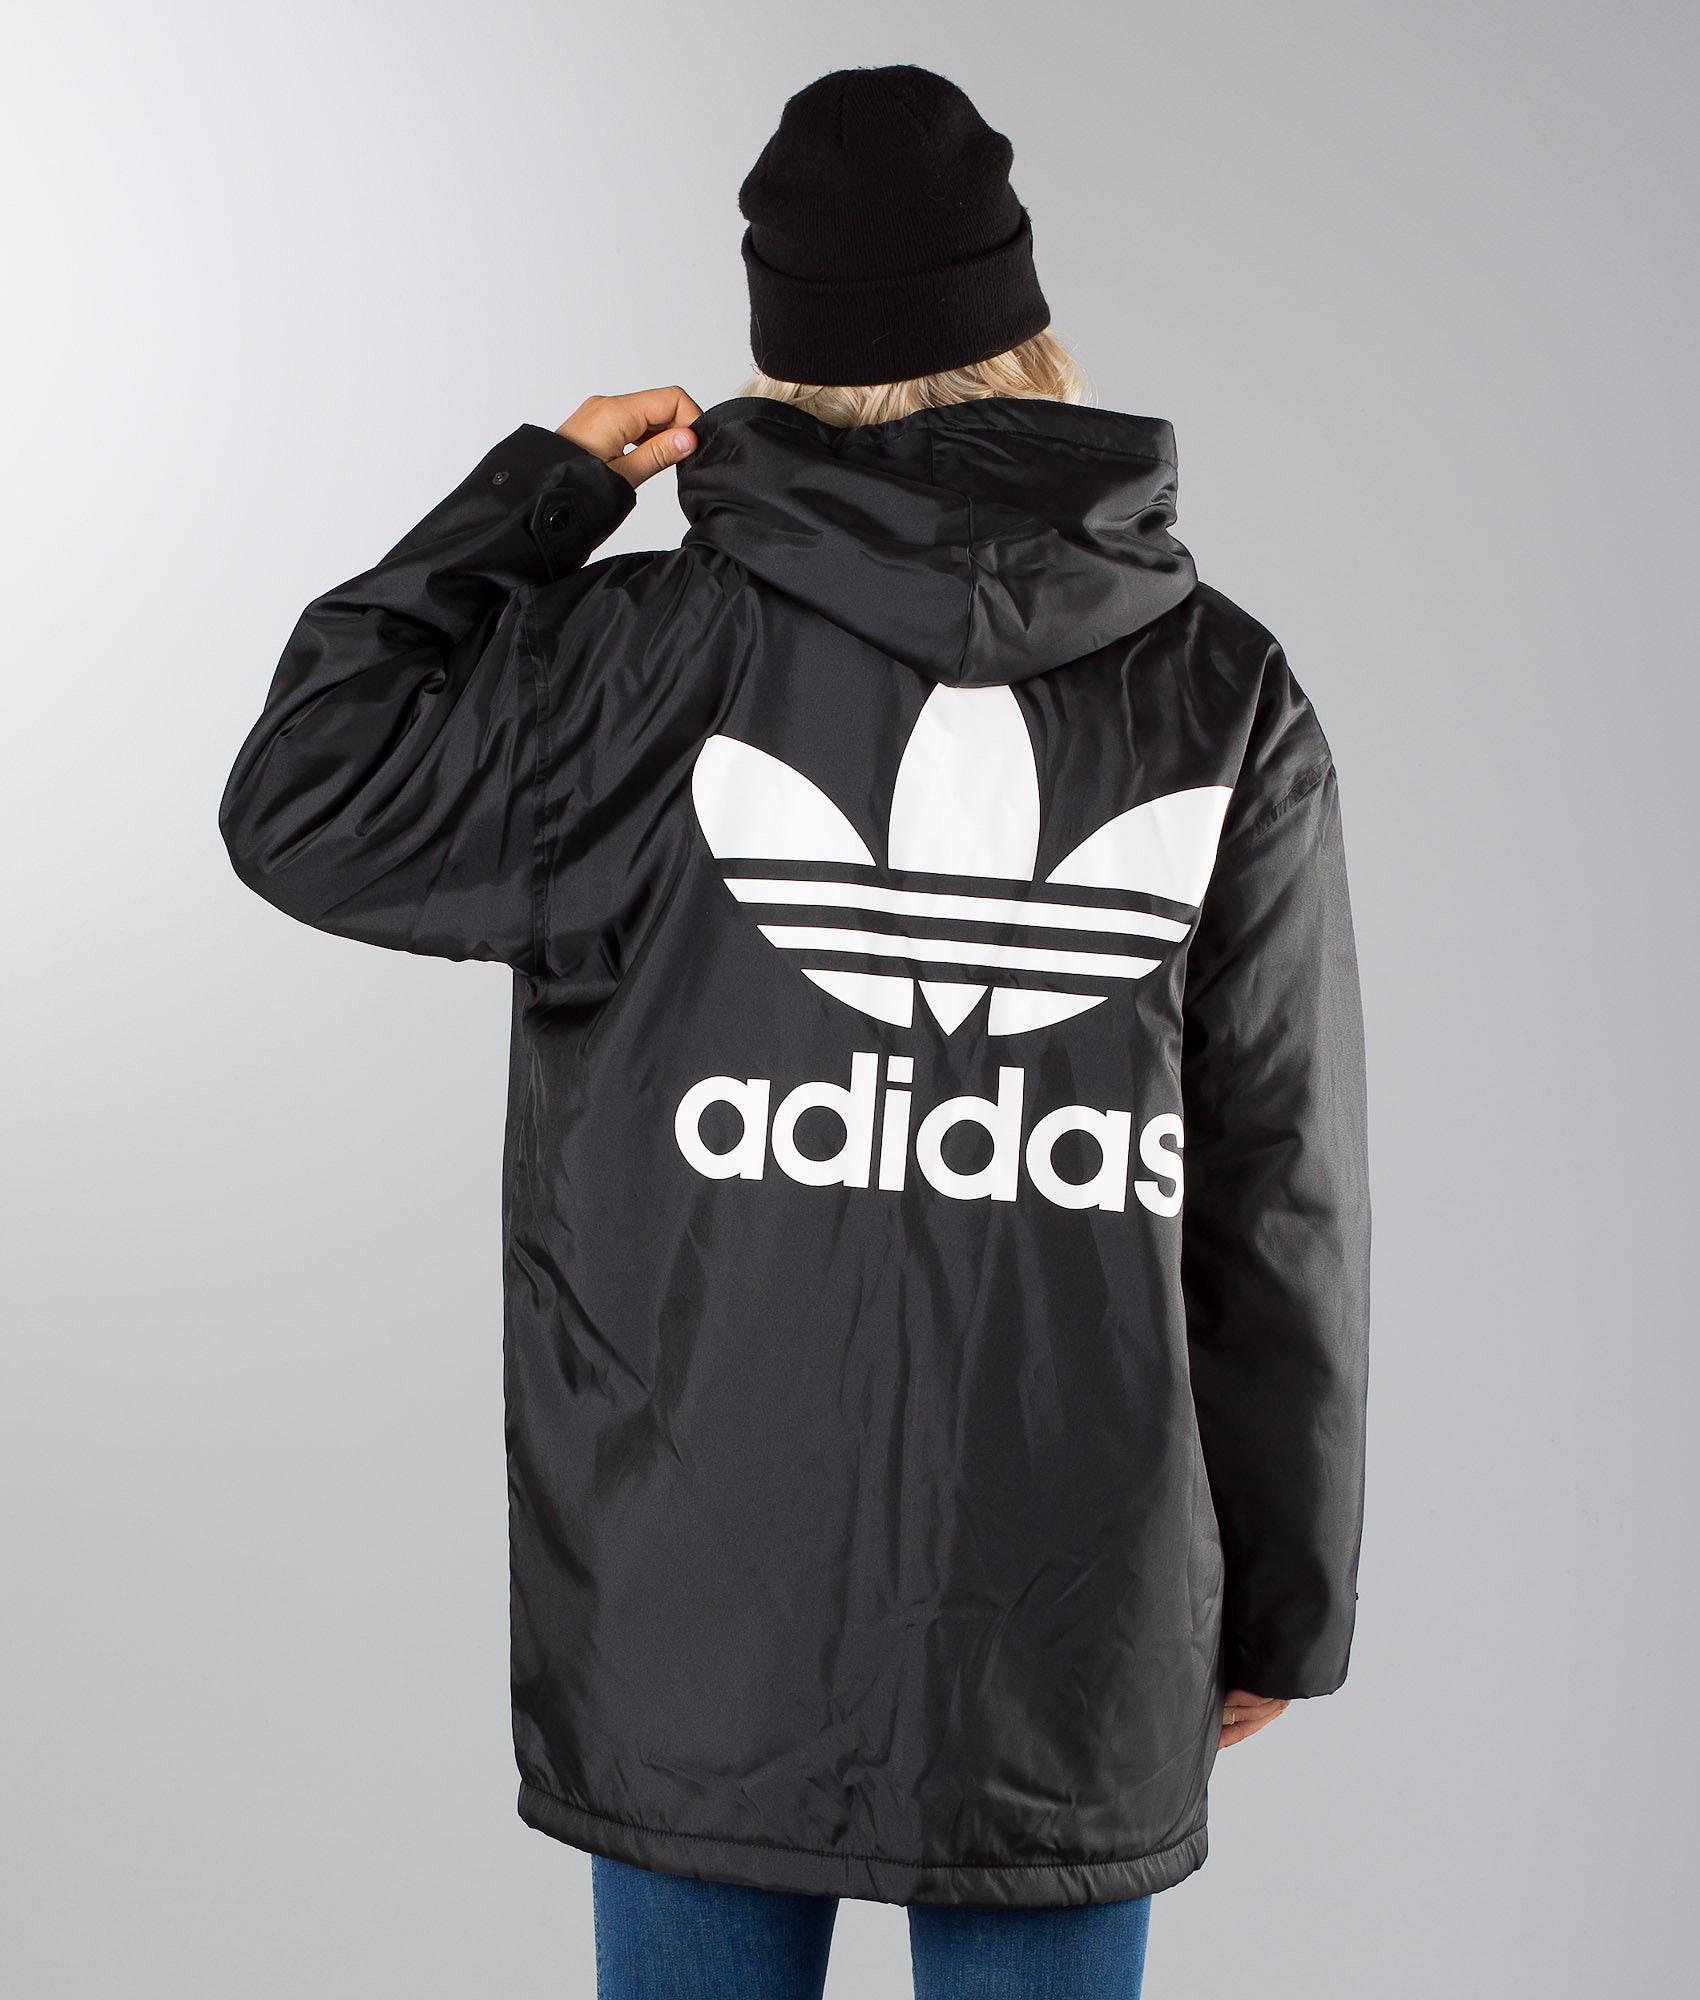 newest 8ebf5 367ba Adidas Originals Adicolor Jacket Jacket